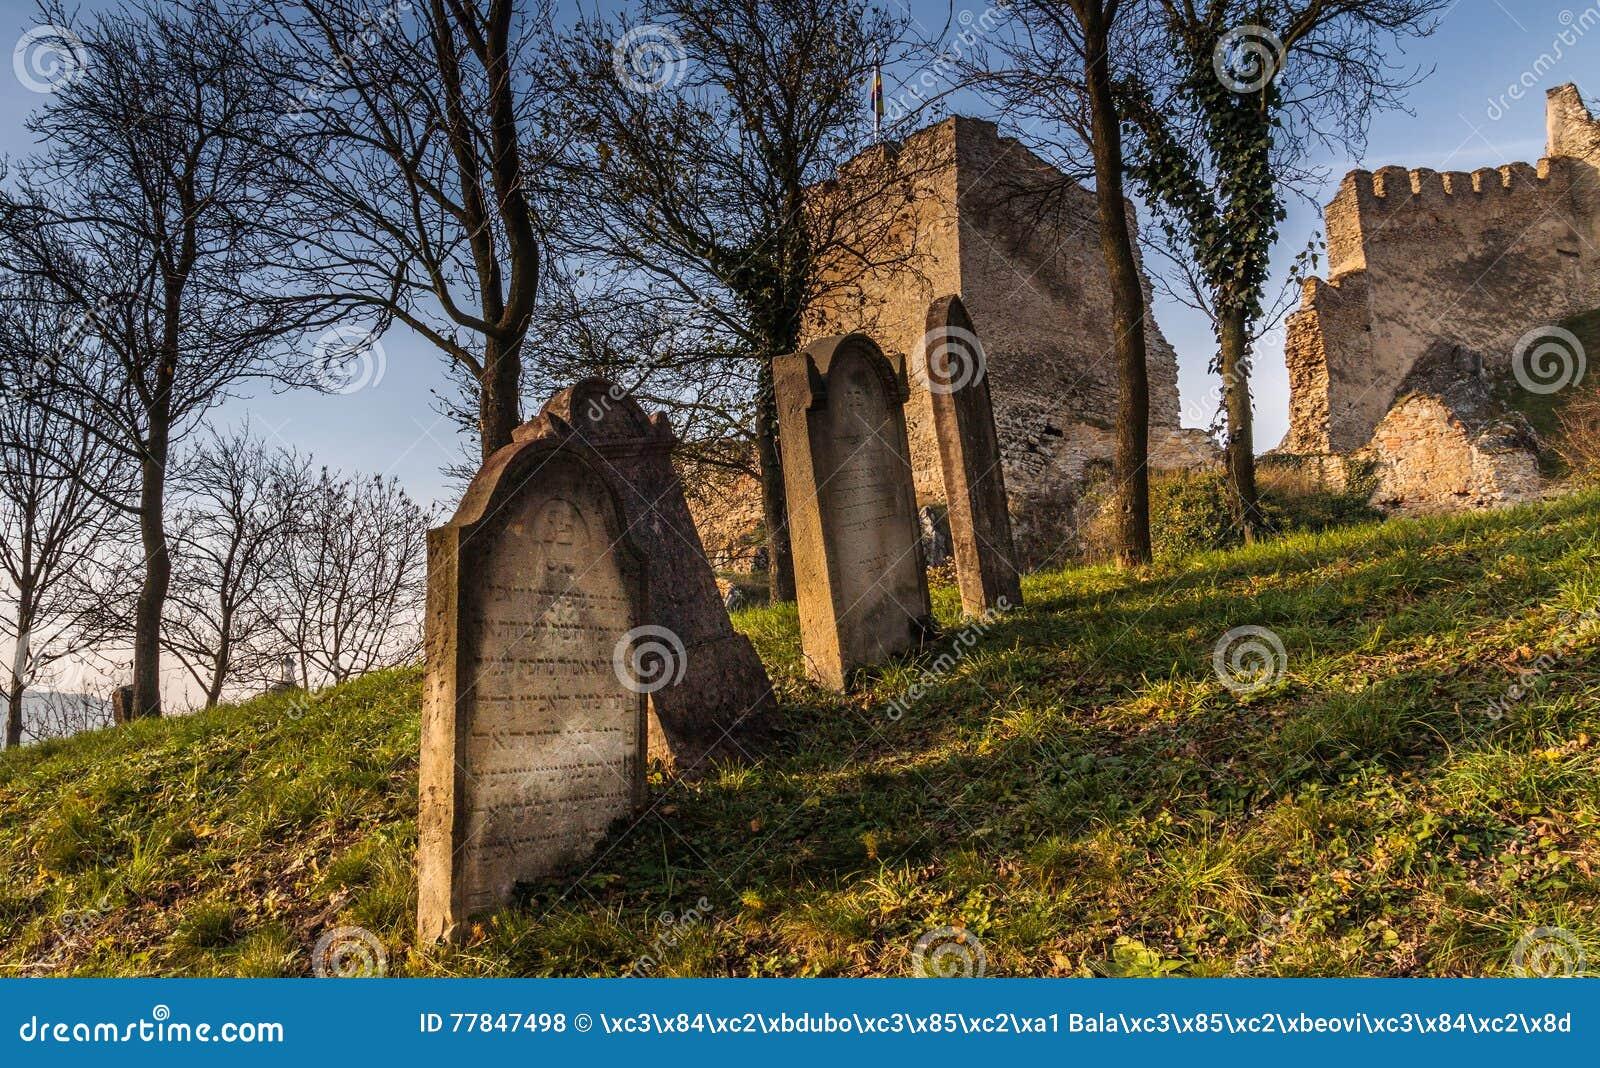 Πέτρες τάφων στο εβραϊκό νεκροταφείο κάτω από το μεσαιωνικό κάστρο Beckov